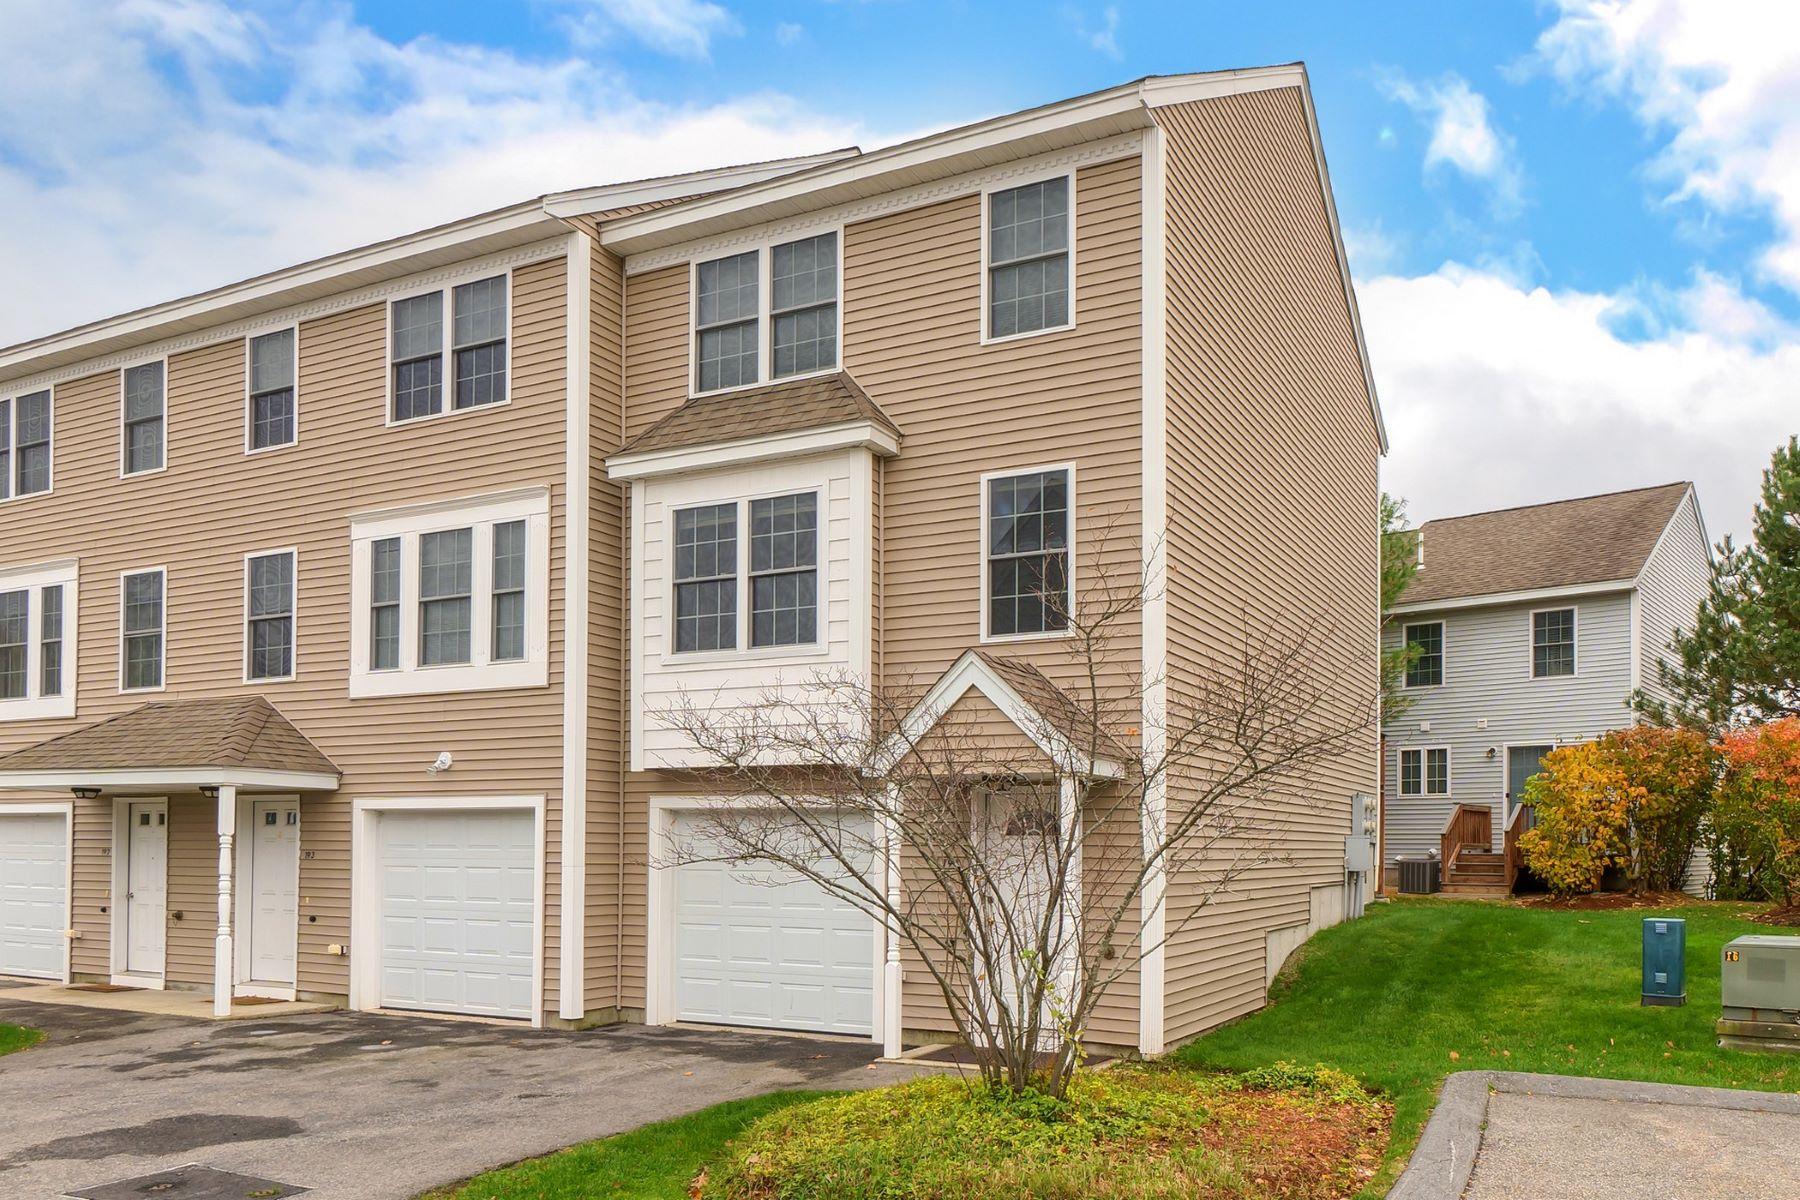 Condominiums 为 销售 在 41 Boston Rd 194 Billerica, 马萨诸塞州 01862 美国